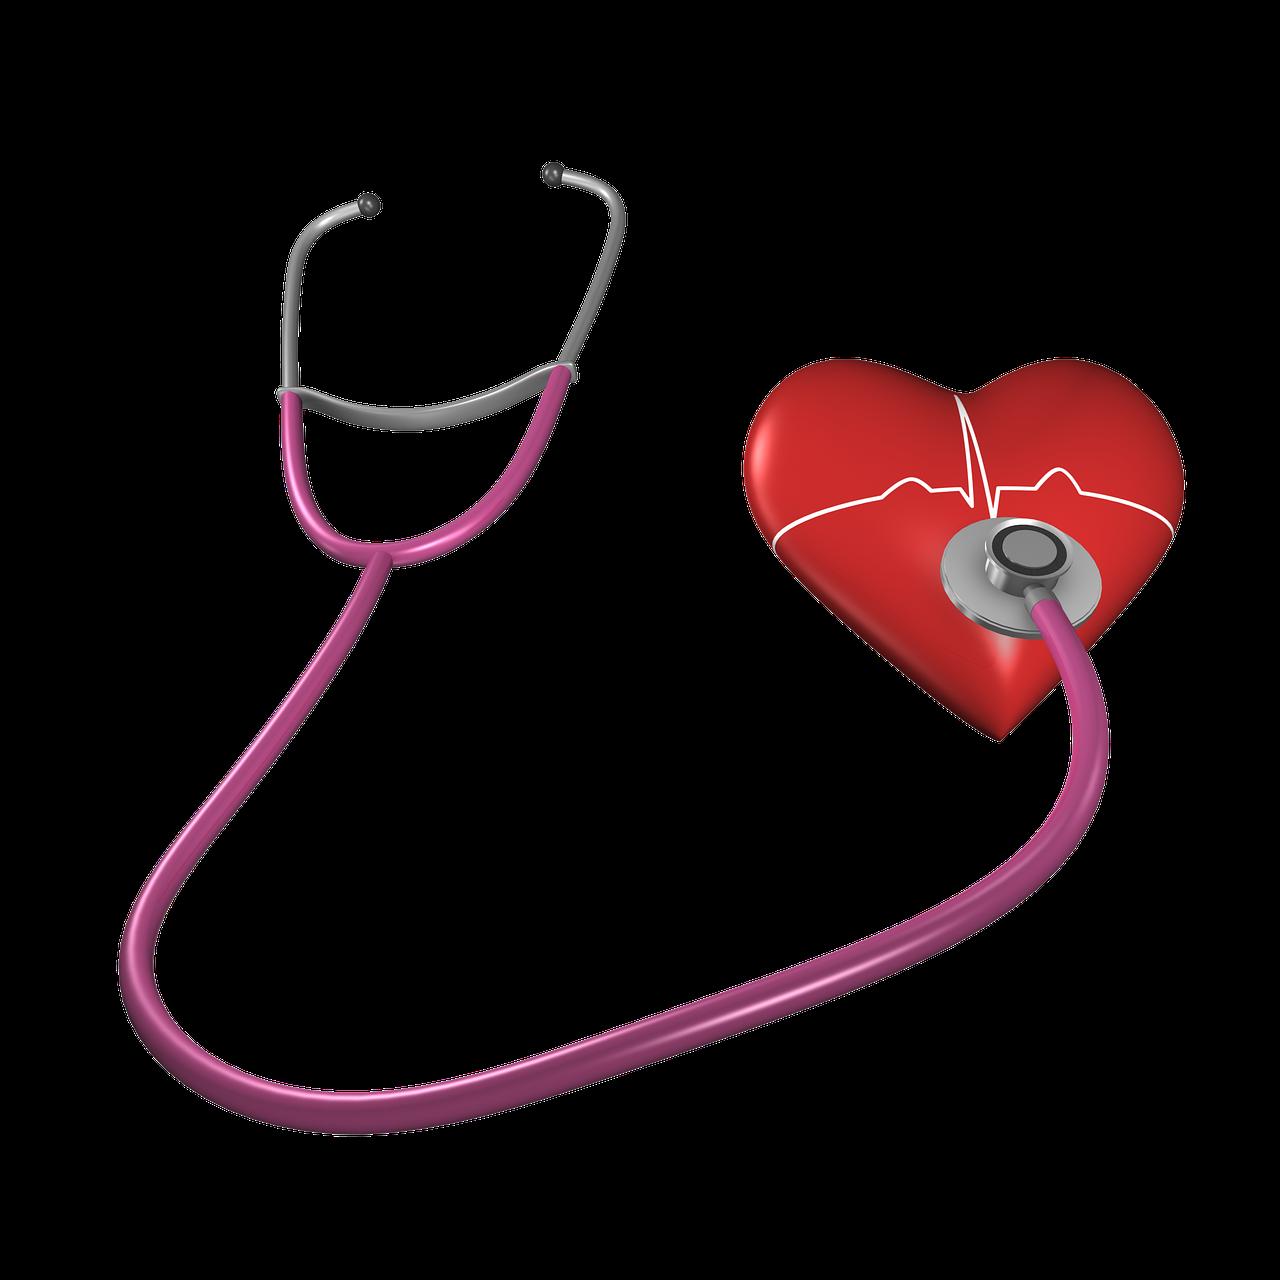 Doctor (Cardiologist) - Dr. Erik